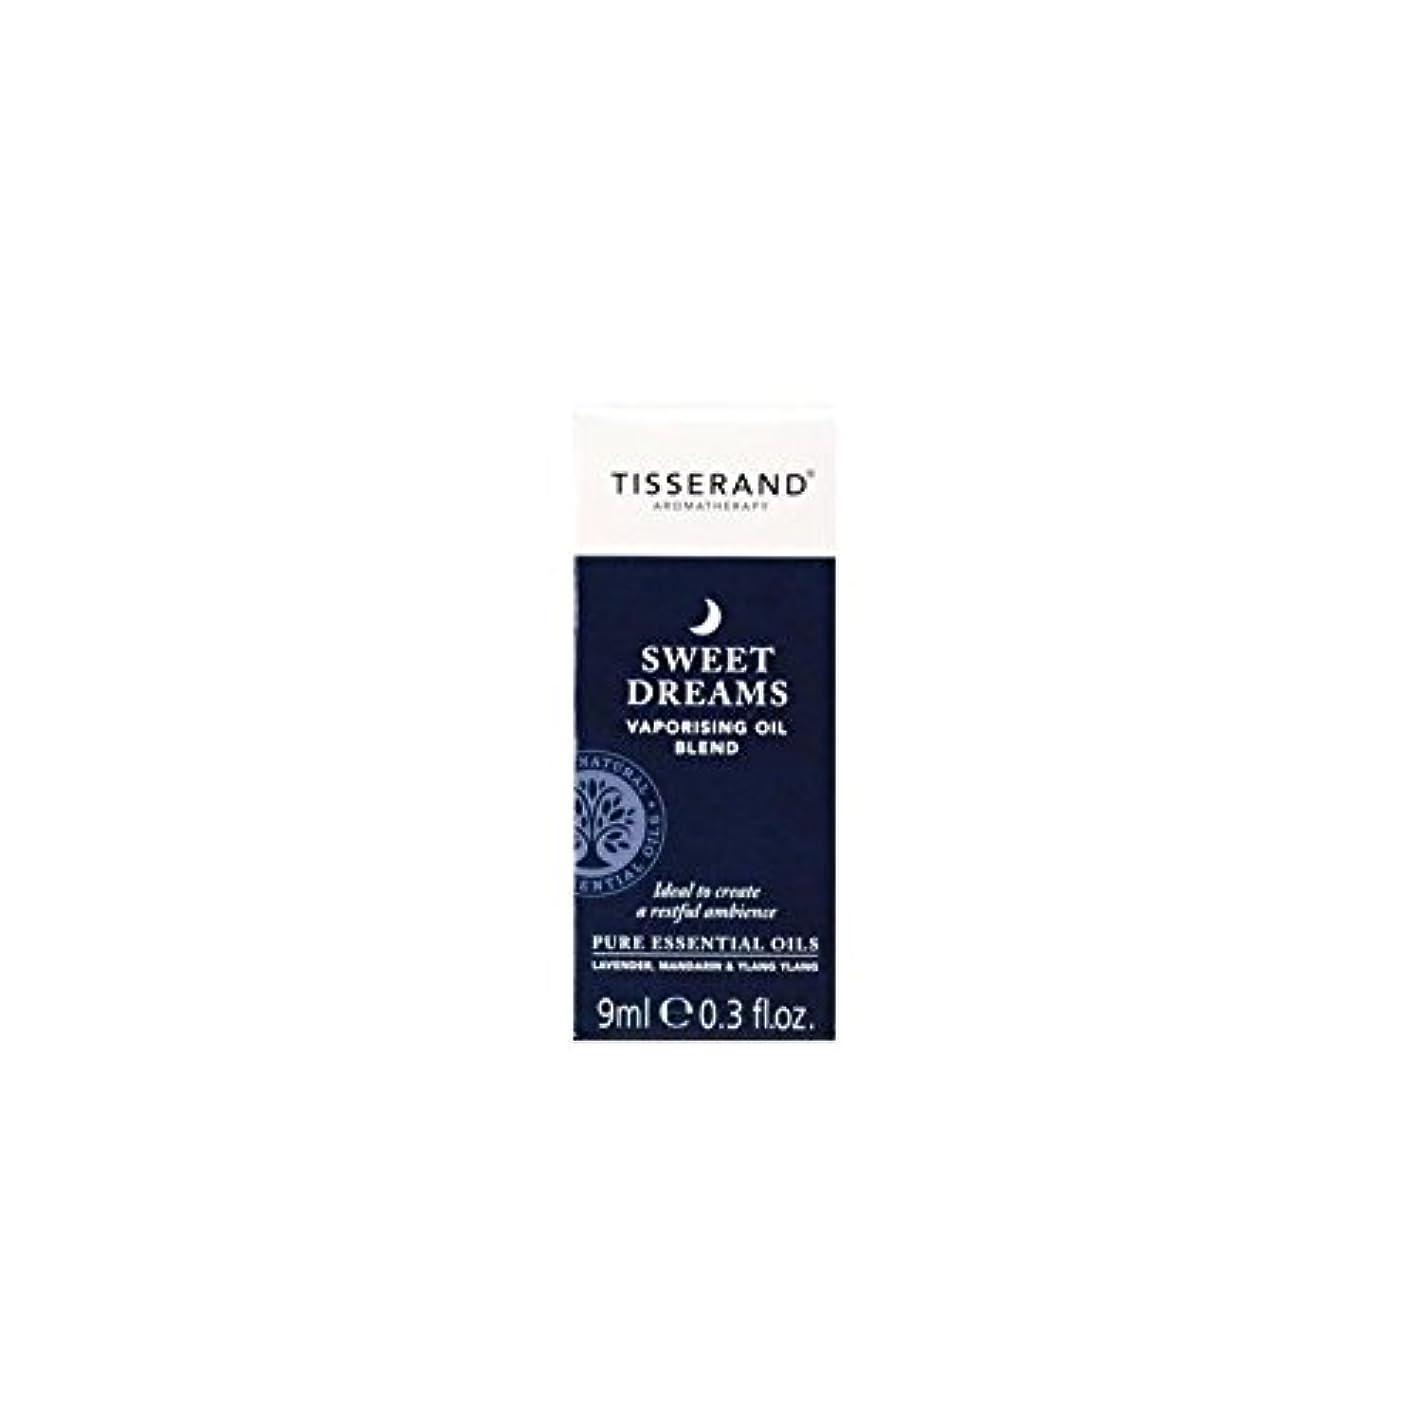 倍増カバー可能性オイル9ミリリットルを気化甘い夢 (Tisserand) (x 4) - Tisserand Sweet Dreams Vaporising Oil 9ml (Pack of 4) [並行輸入品]